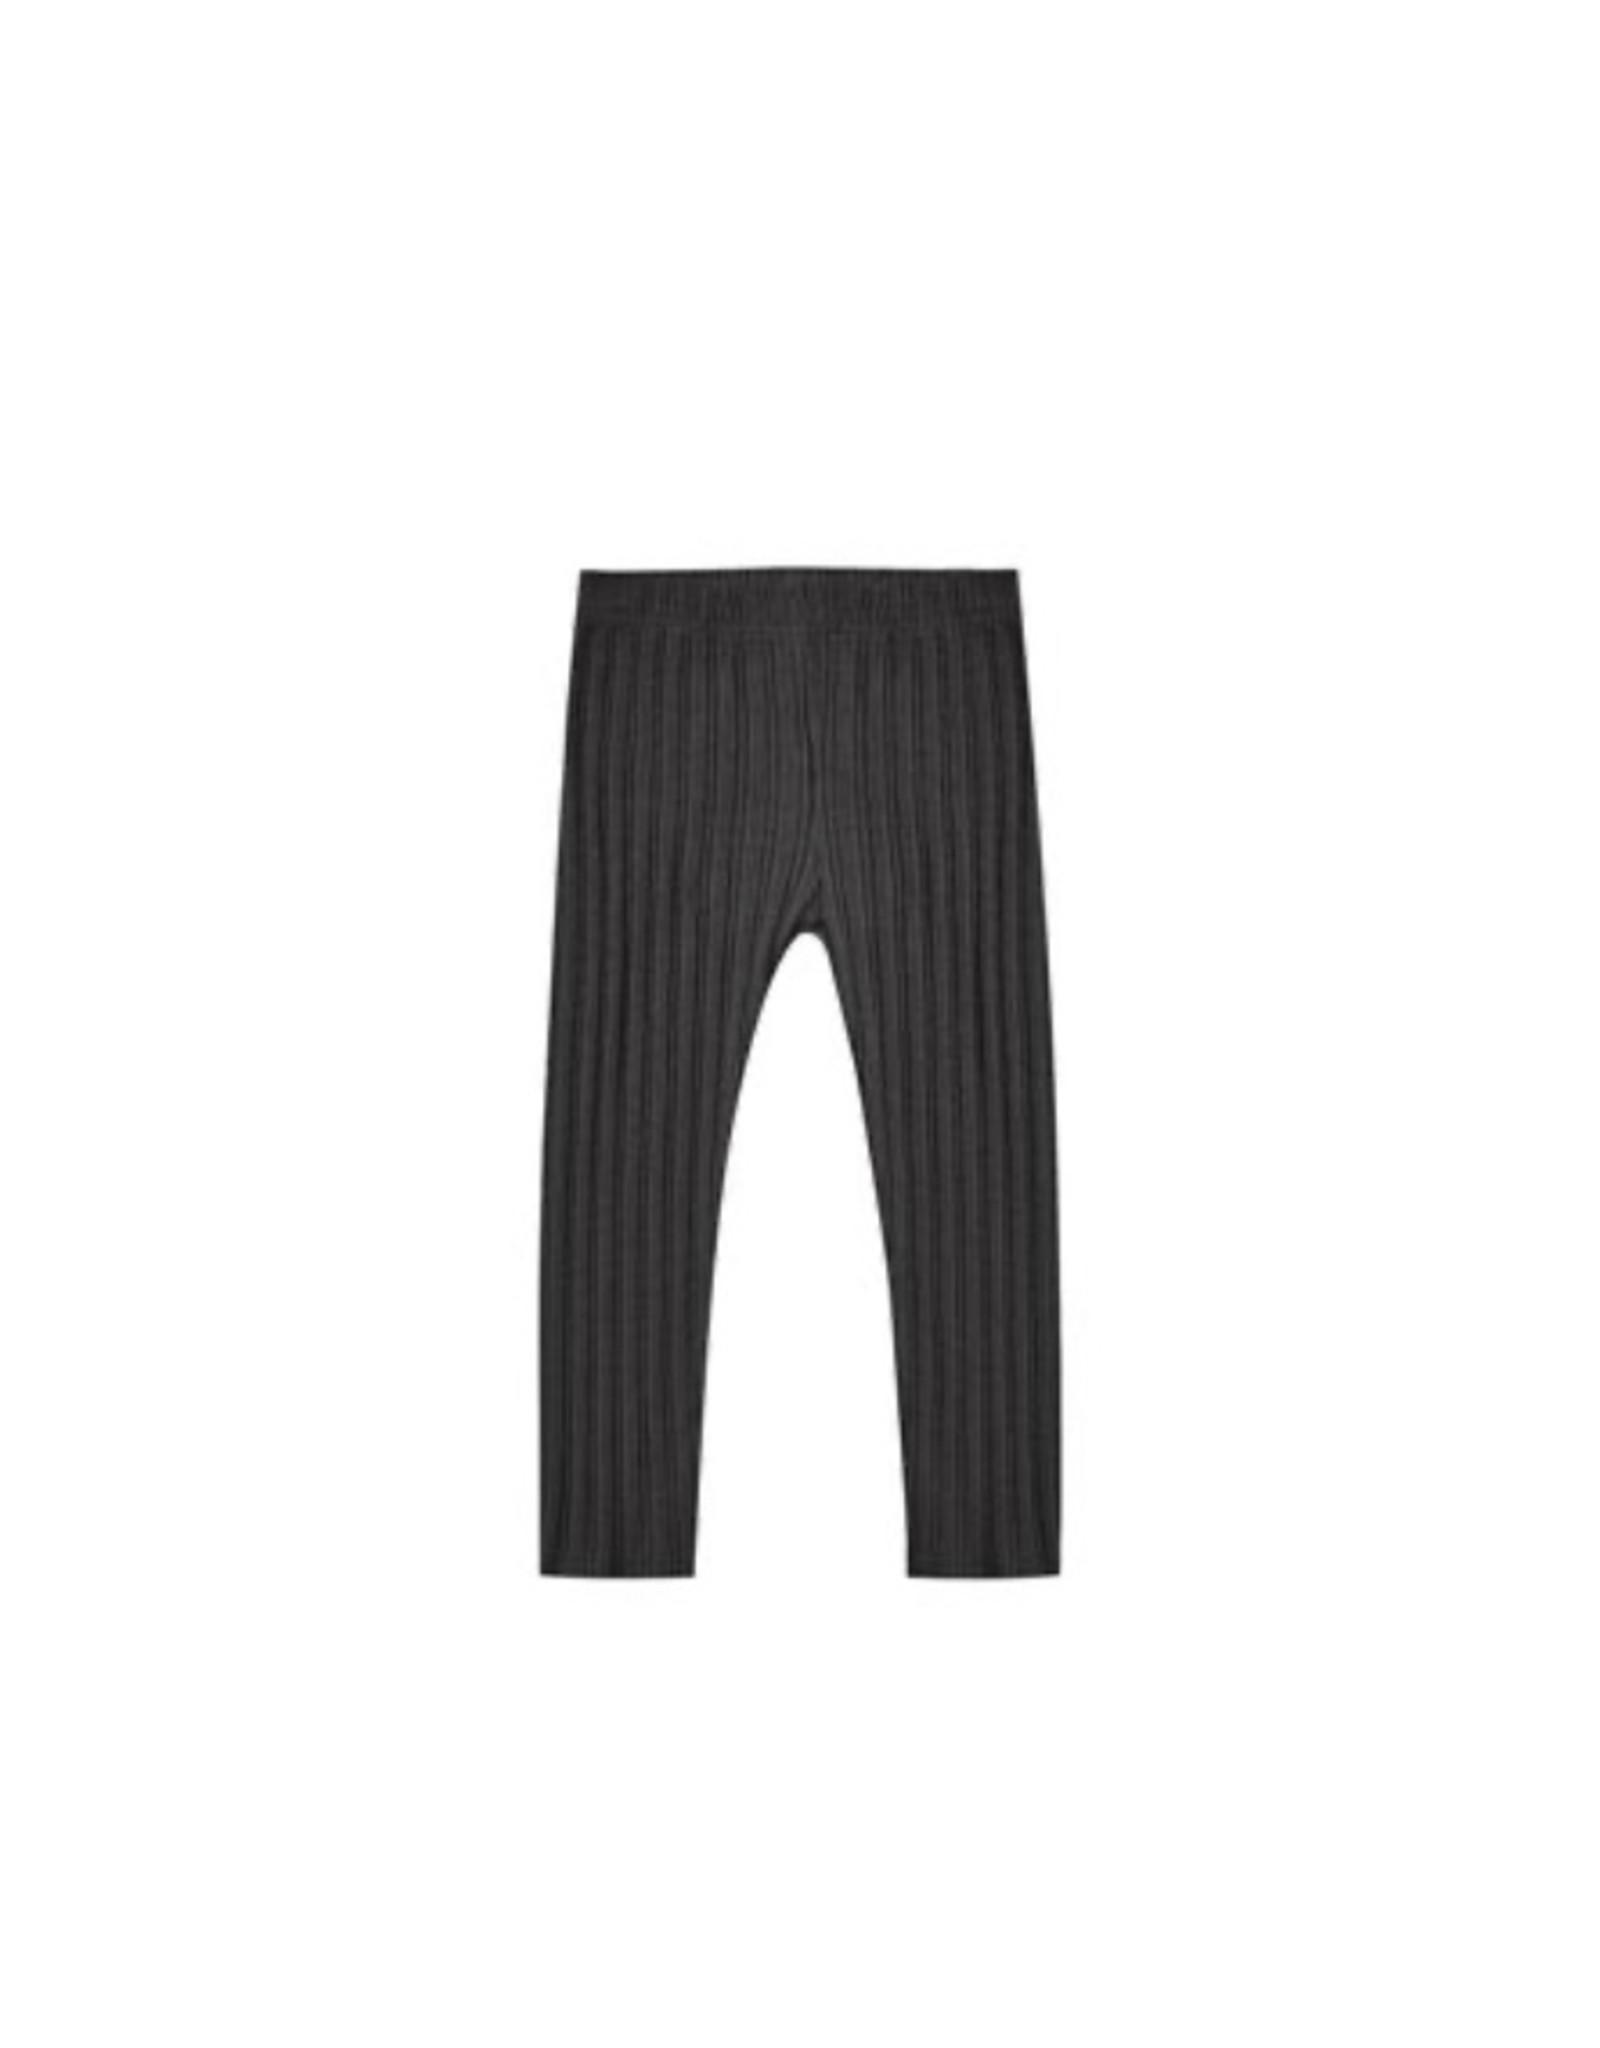 Rylee + Cru Rylee + Cru - Printed Legging